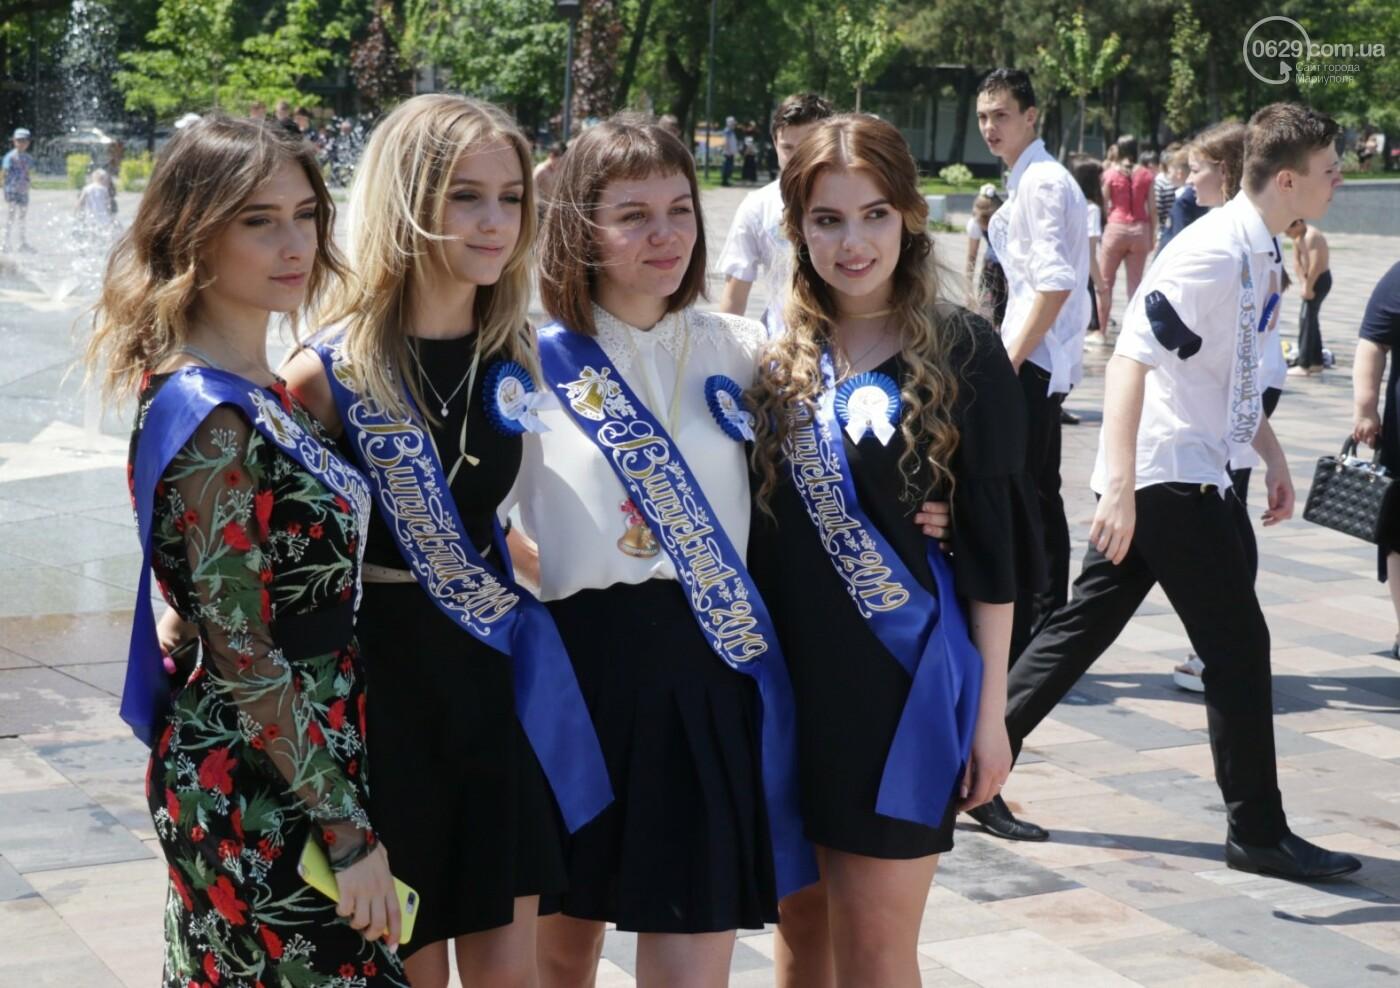 Как мариупольские школьники у десантников фонтаны отбирали, - ФОТОРЕПОРТАЖ, фото-6